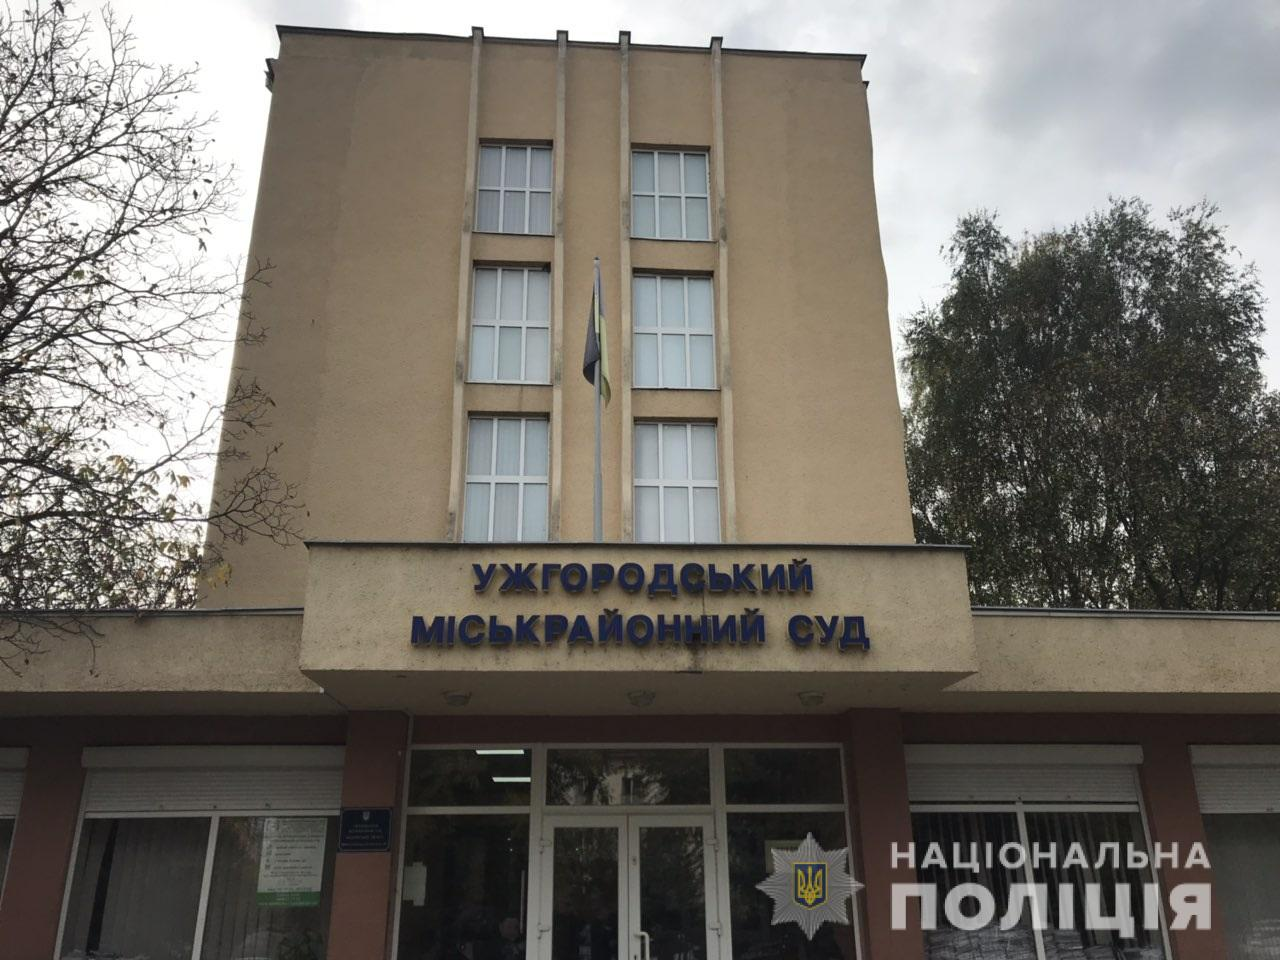 Інформація про замінування Ужгородського міськрайонного суду в обласному центрі Закарпаття не підтвердилася